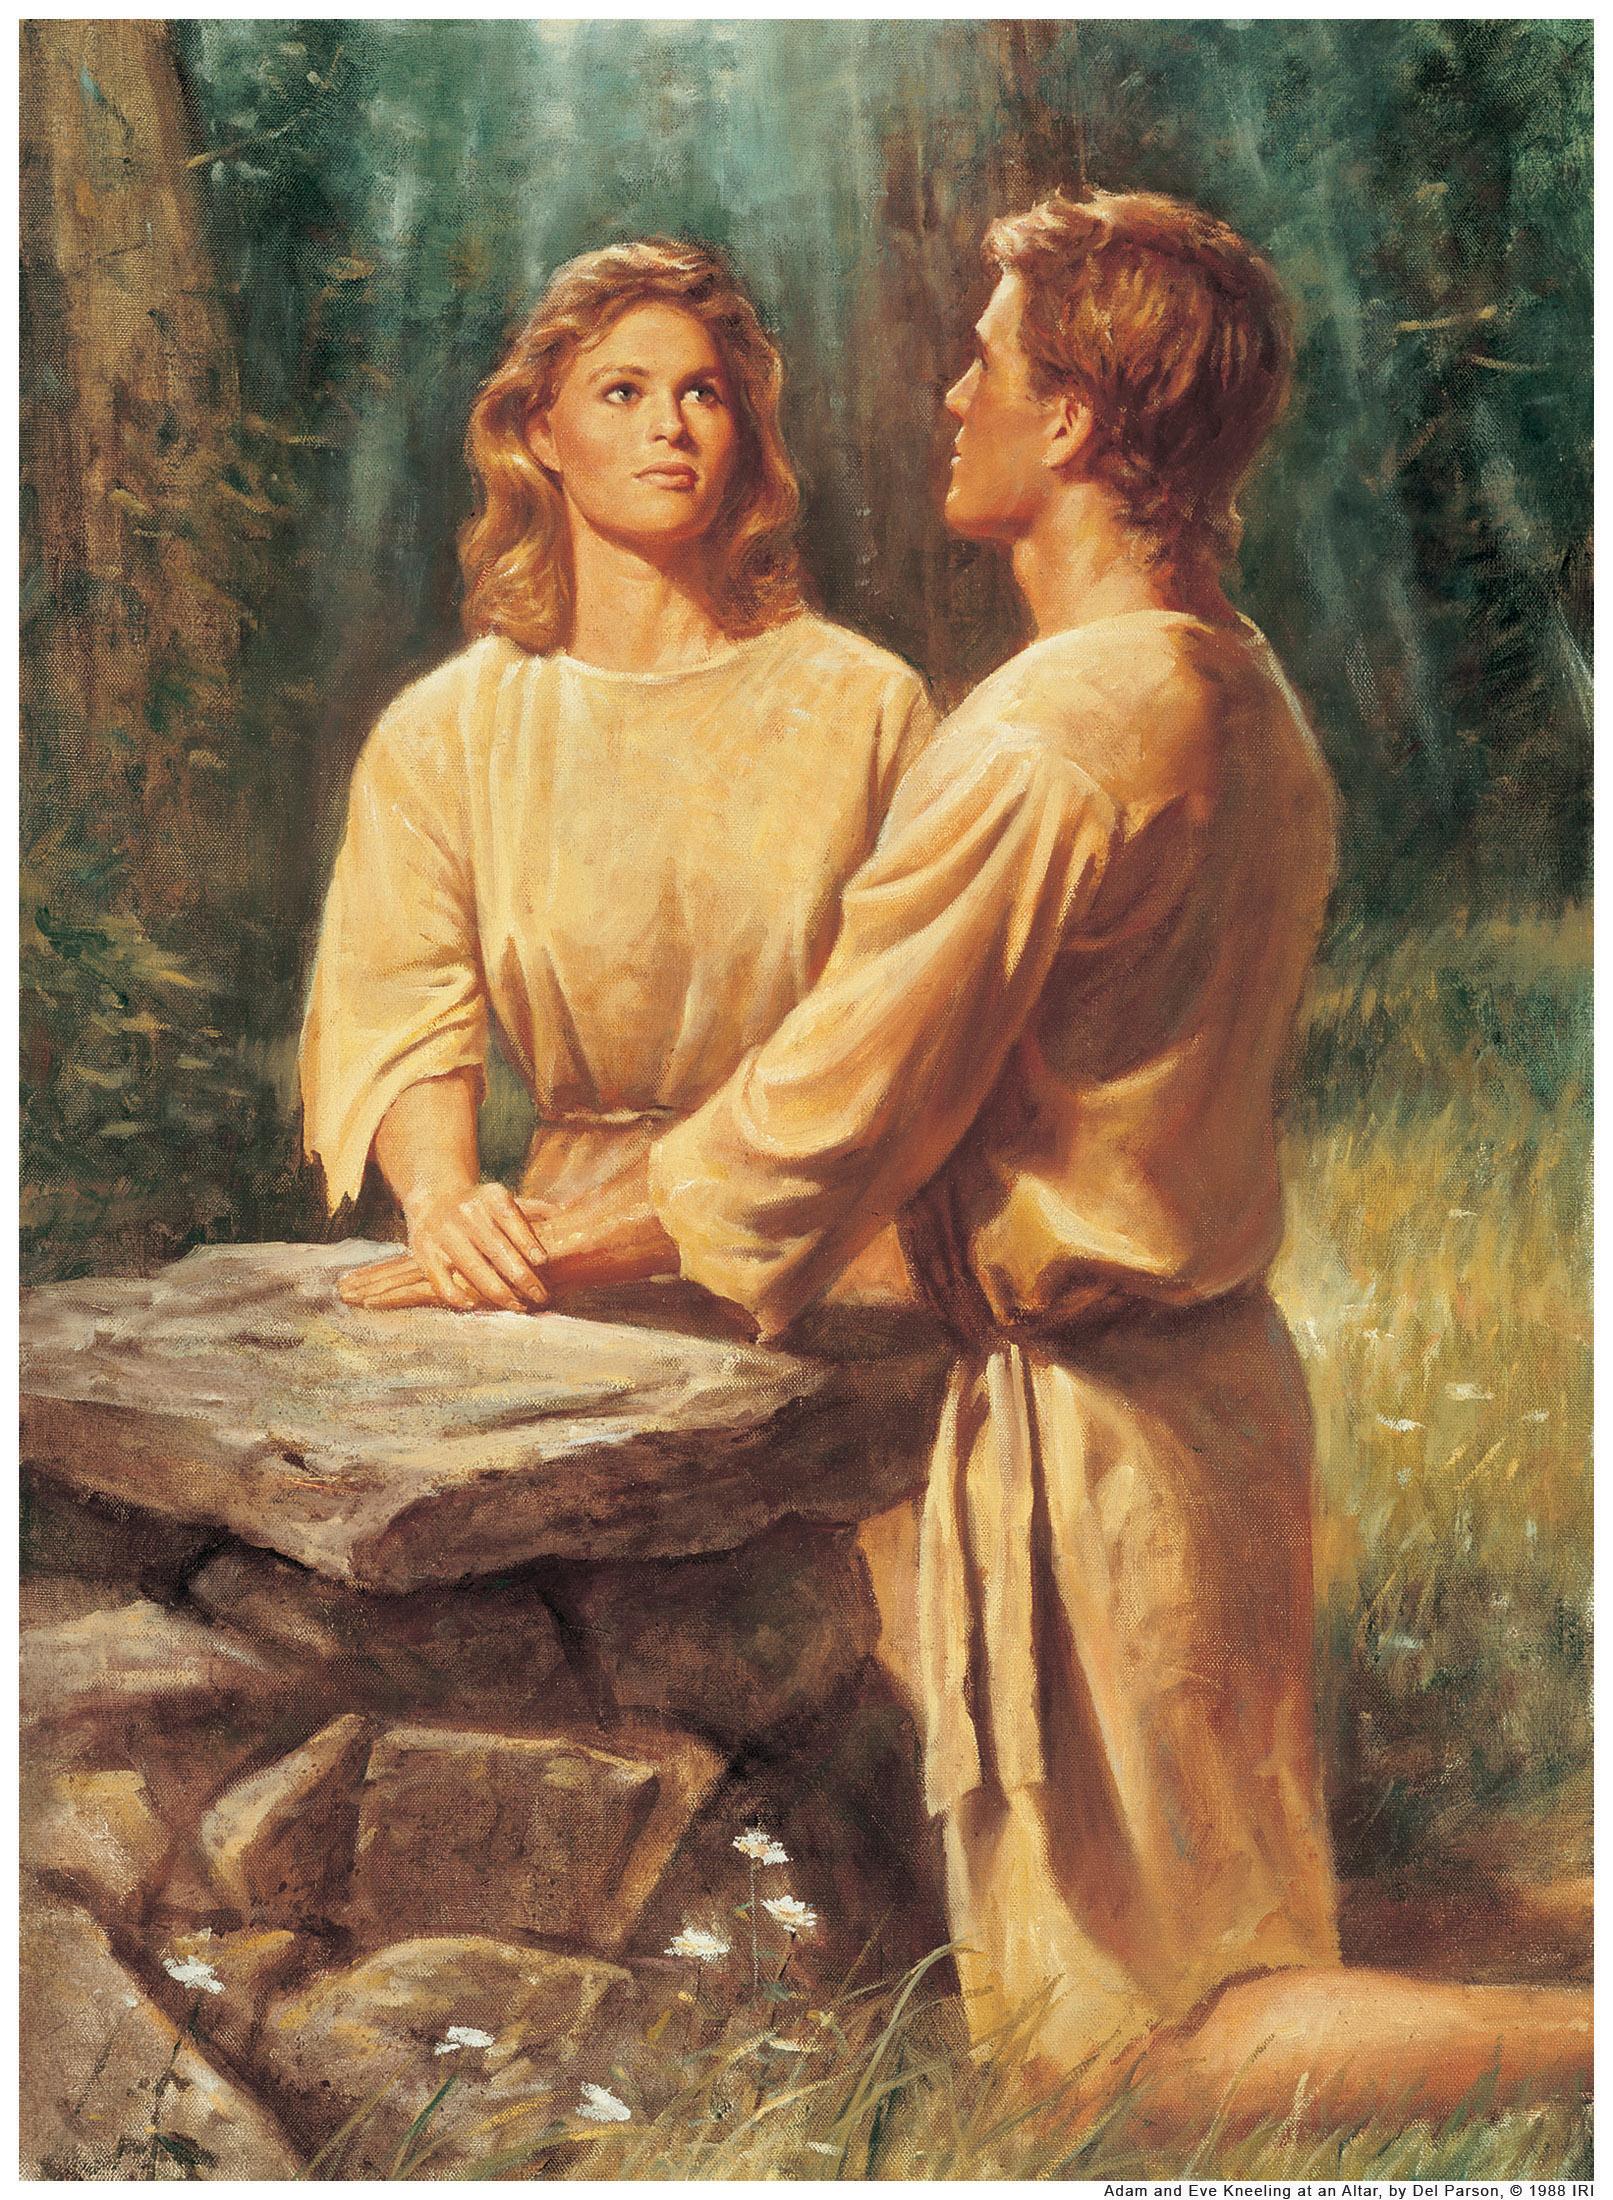 Adam and eve in garden of eden studying genesis chapter 2 3